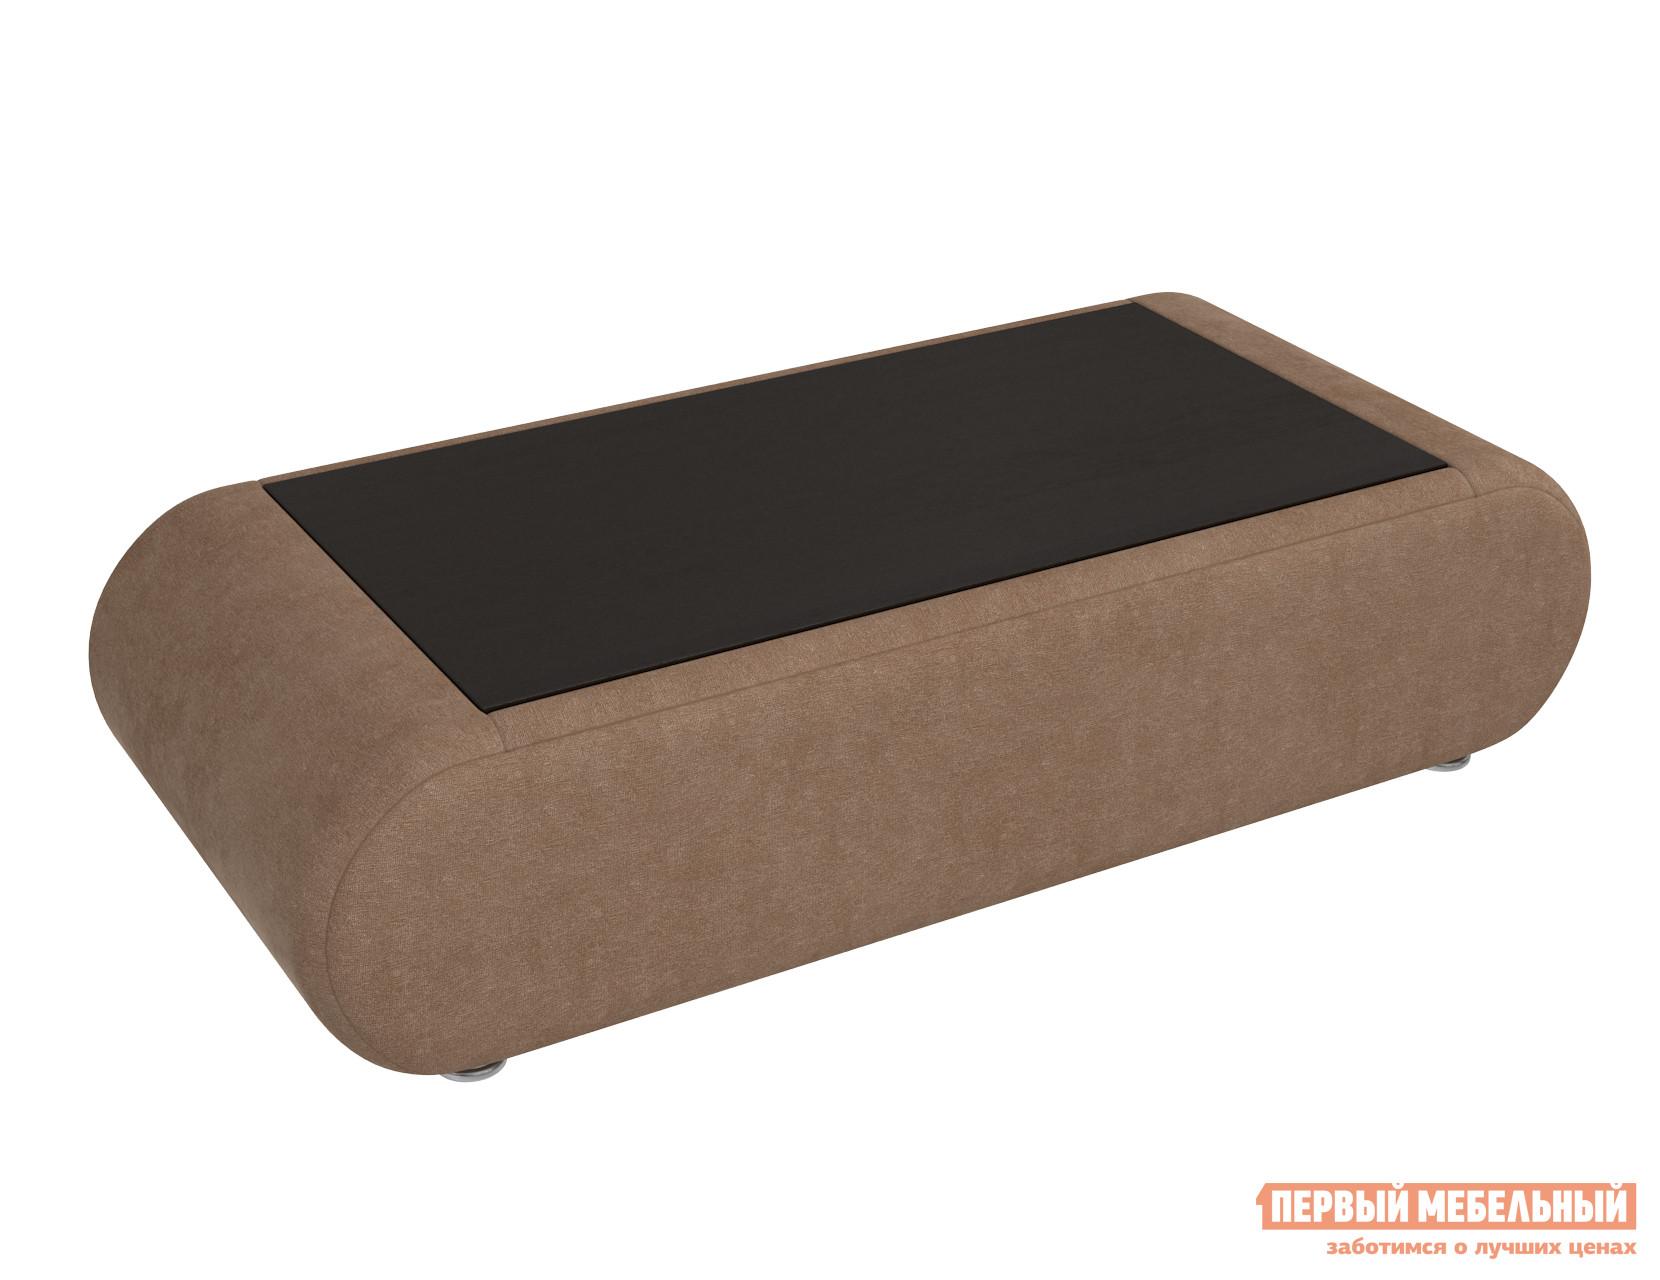 Пуф с жестким сиденьем Первый Мебельный Пуф раскладной Палермо